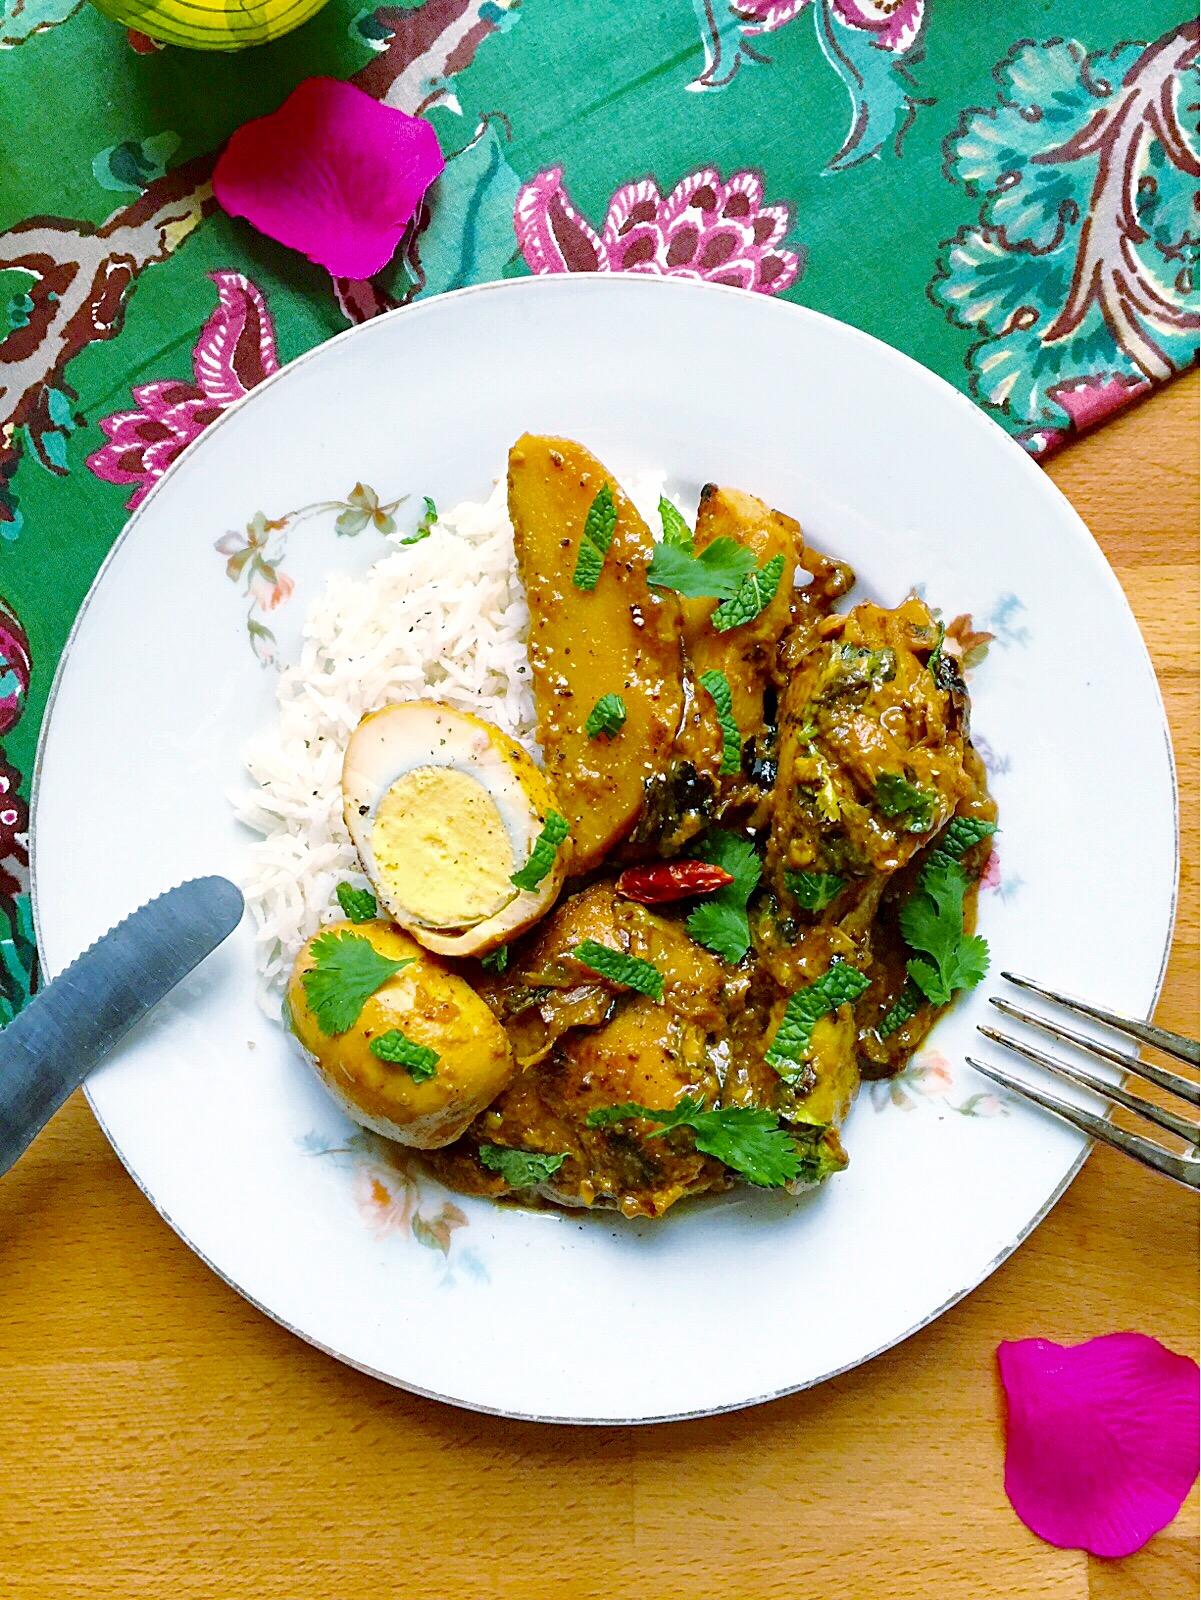 kalia de poulet : une spécialité épicée et colorée à la menthe et